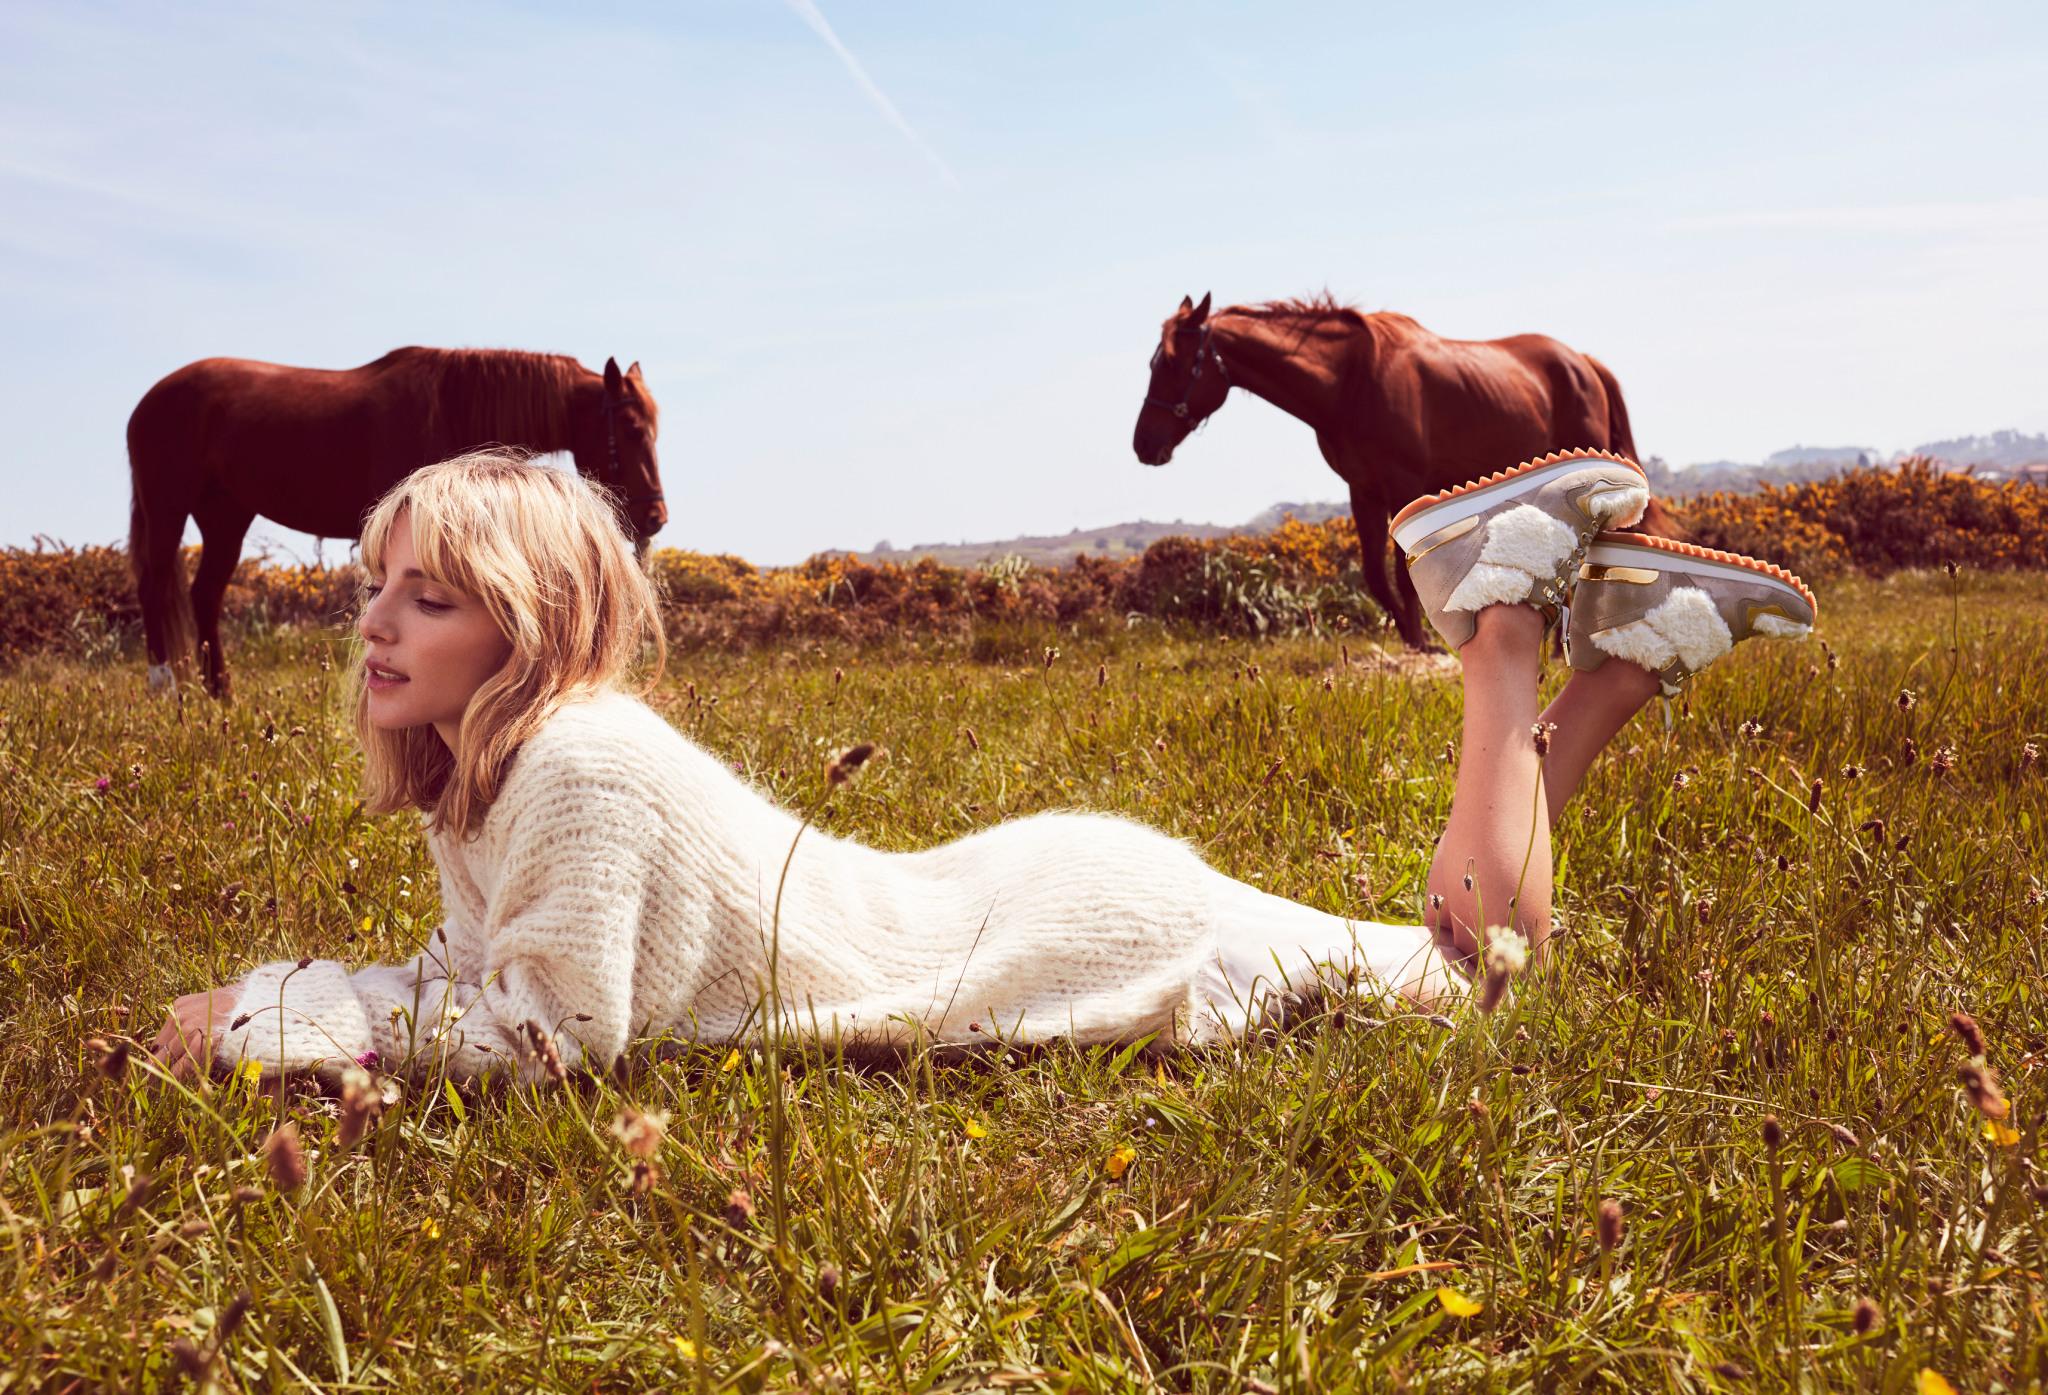 @fellini_eventi's cover photo for 'Elsa pataky dirige il suo primo fashion film: emotions by GIOSEPPO - Radio Fashion'